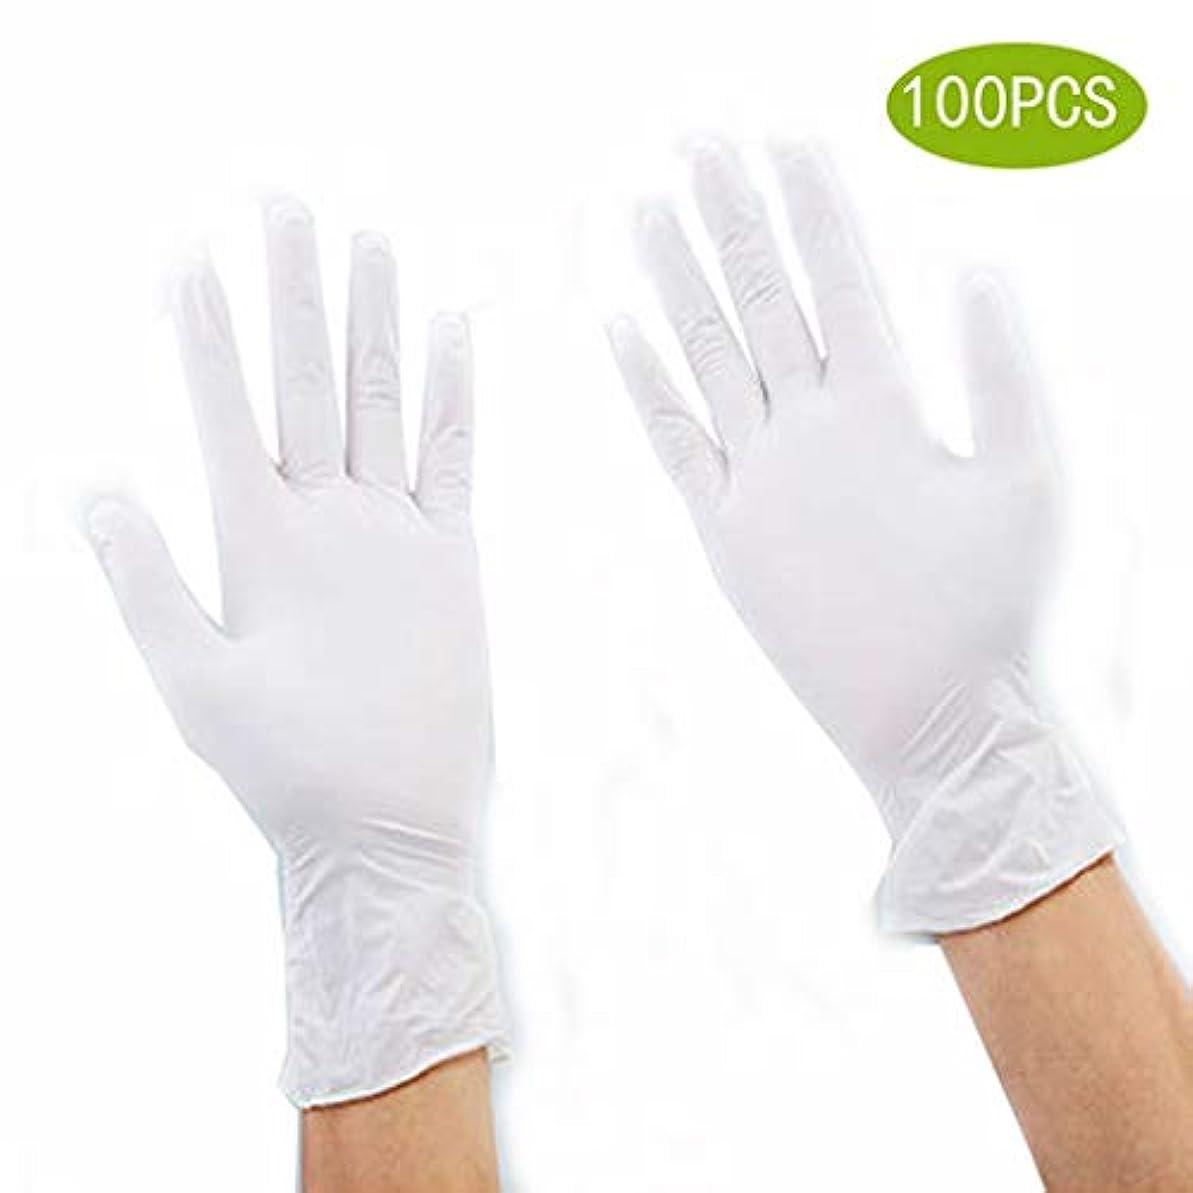 リーン上向き熟練した医療検査ニトリル手袋ボックス100、ラテックス/パウダーフリー、非滅菌手袋 - 安い、ディスカウント価格病院のための専門の等級、法執行機関、食糧販売業者、入れ墨の芸術家、家の使用 (Size : L)